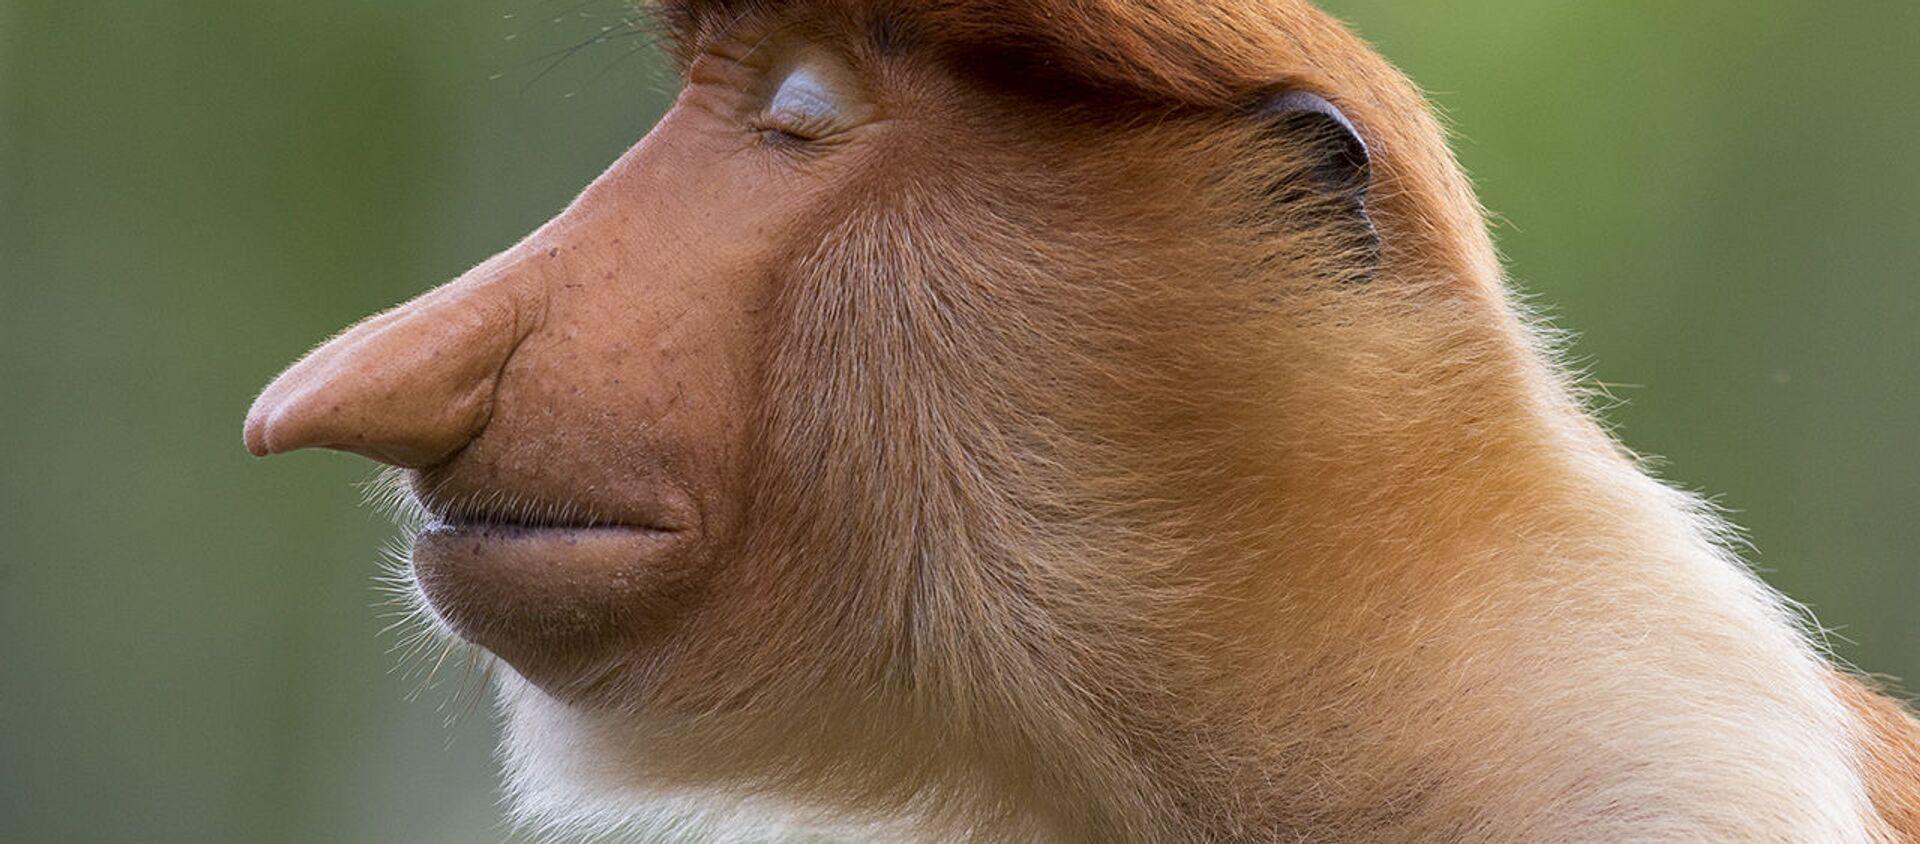 Ảnh «Tư thế» của Nhiếp ảnh gia Đan Mạch Mogens Trolle, người chiến thắng ở hạng mục Chân dung động vật, cuộc thi Wildlife Photographer of the Year 56 - Sputnik Việt Nam, 1920, 14.10.2020